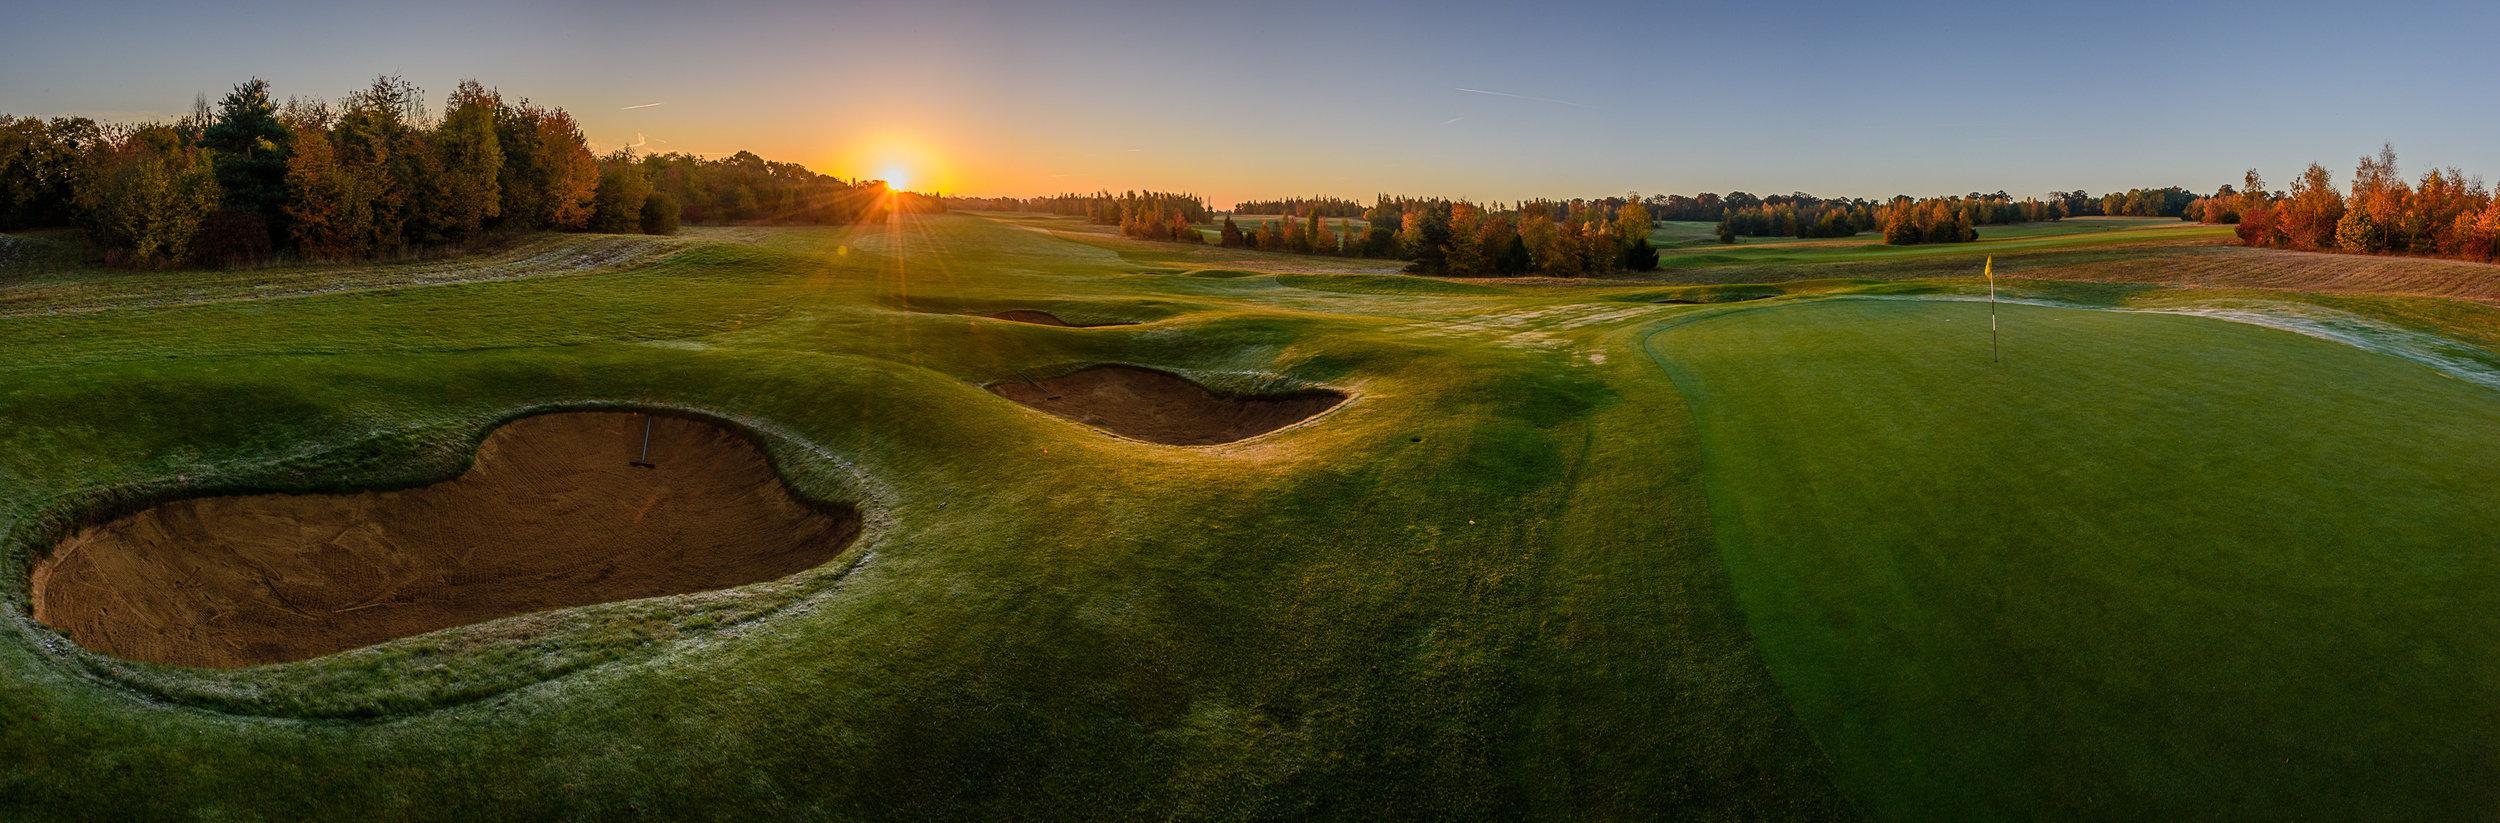 Gog Magog Golf Club, Wandlebury golf course 12th hole at dawn.